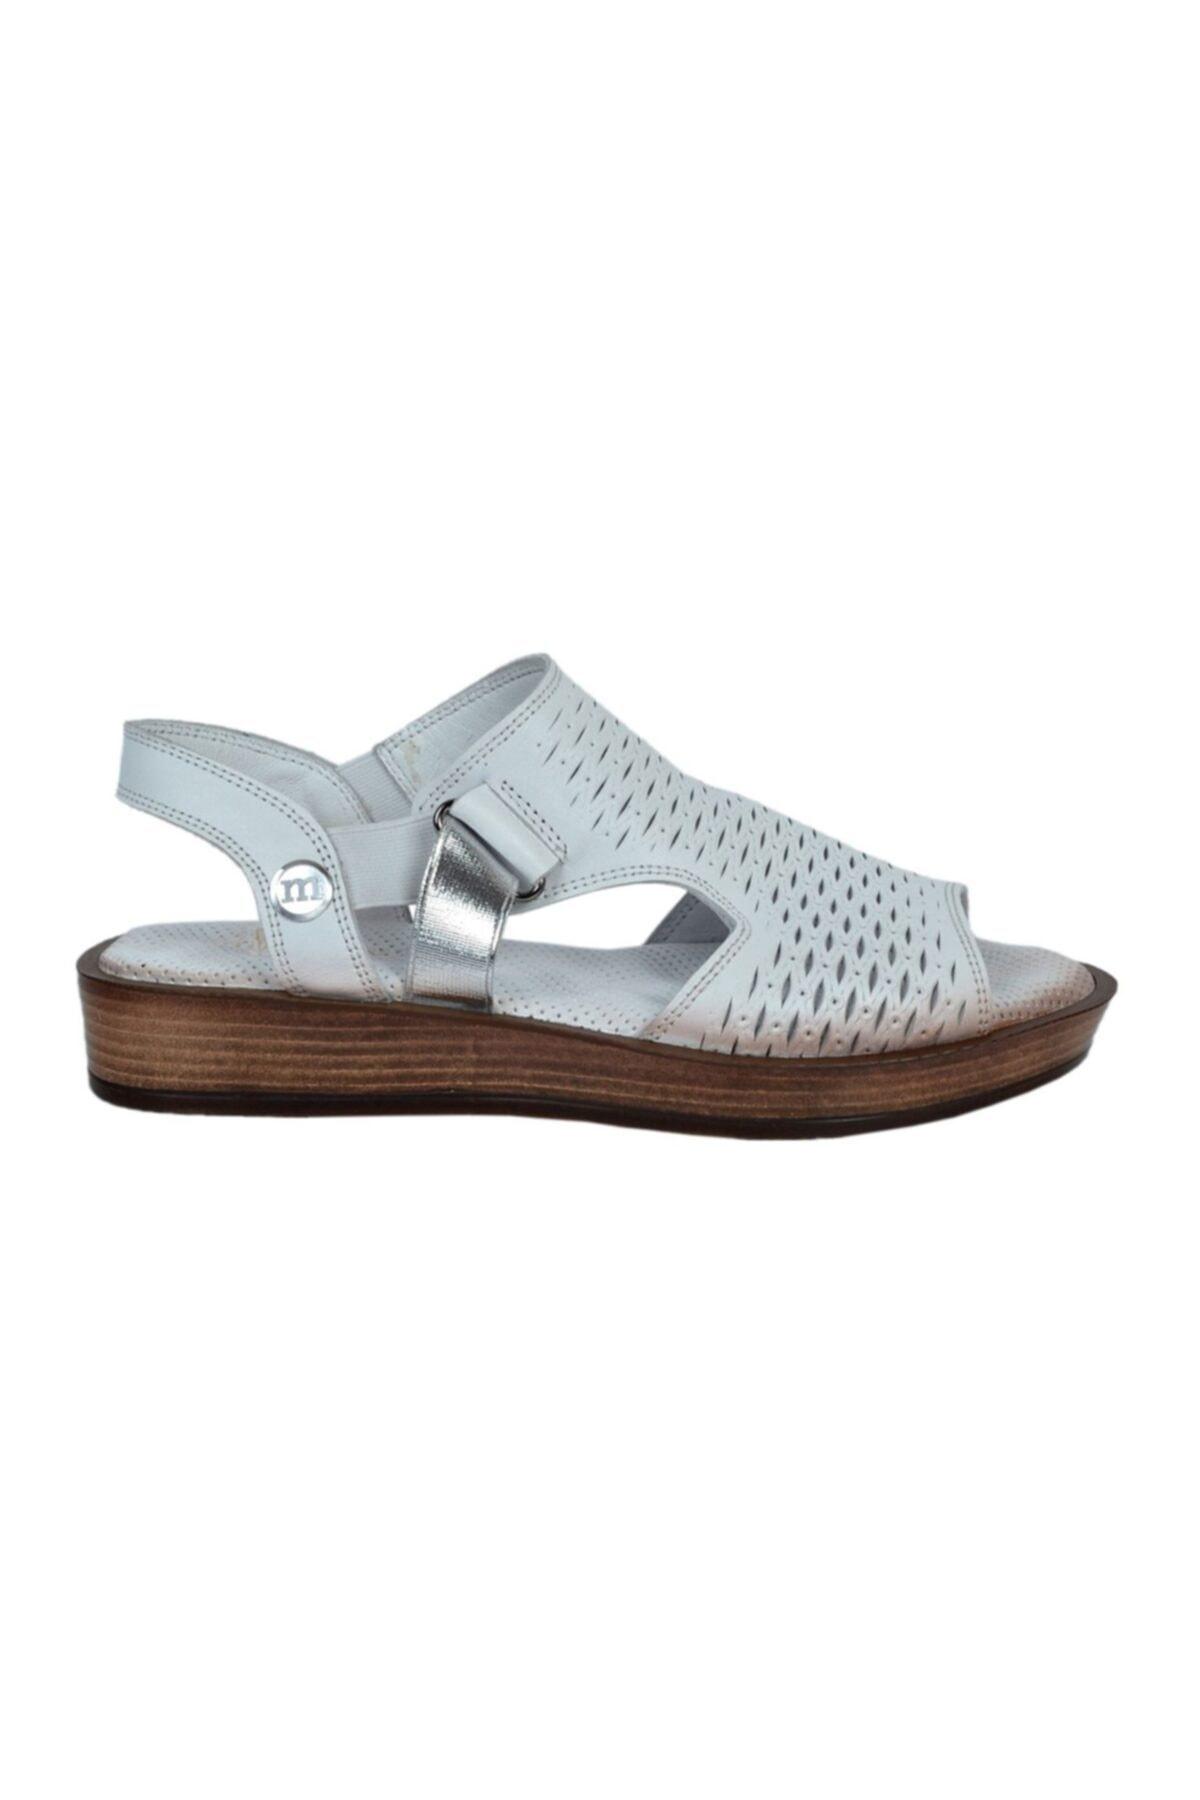 Mammamia Kadın Deri Sandalet 1645 1